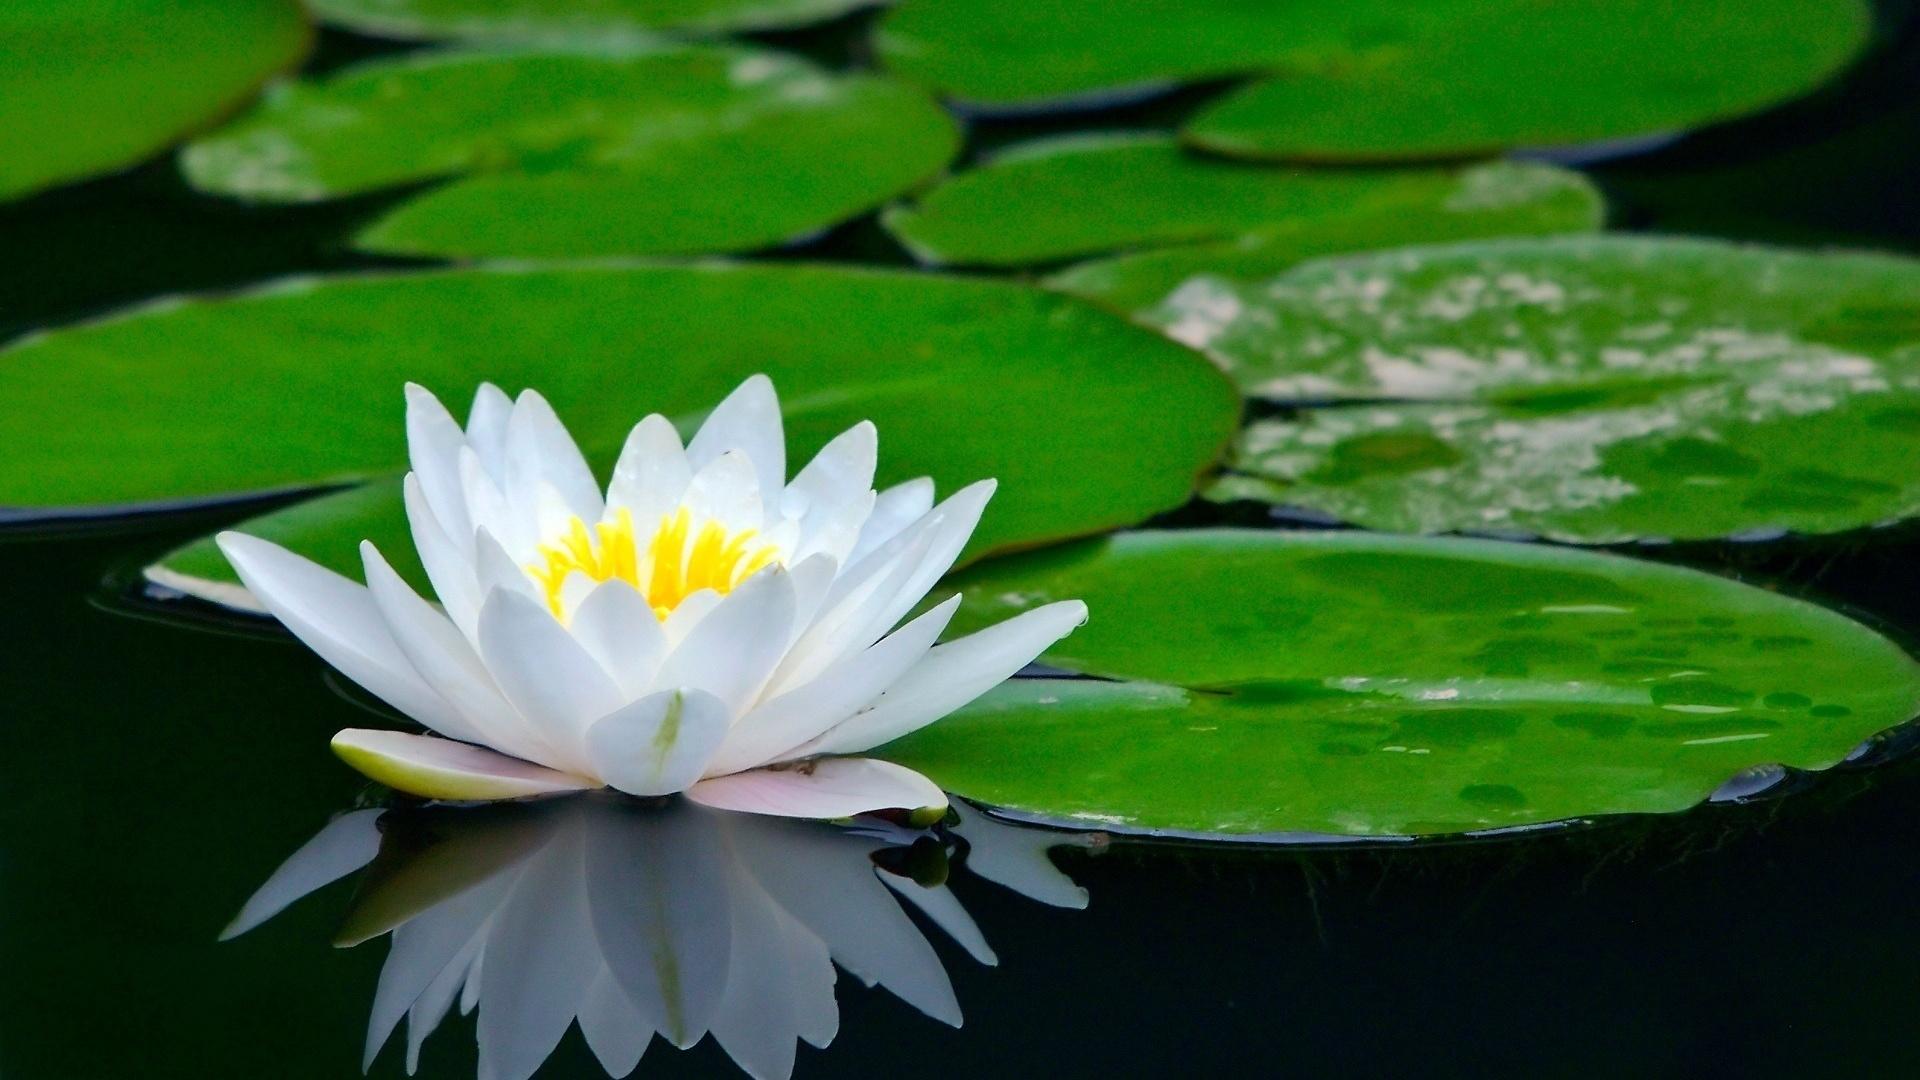 долгожданного цветы водяная лилия фото картинки тут увидел